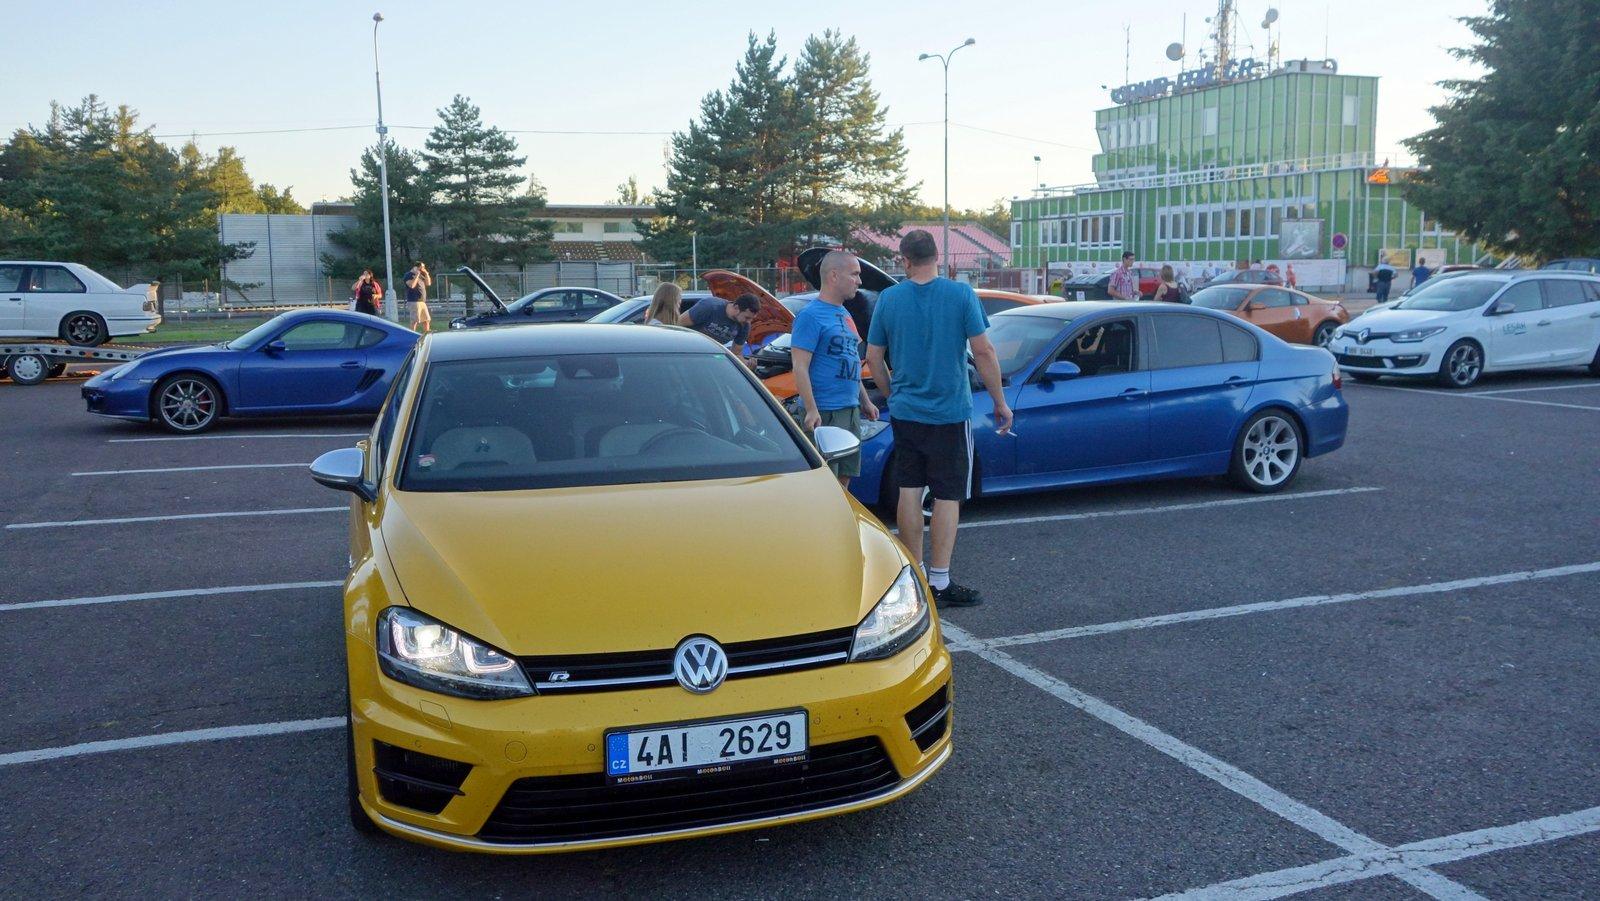 Volkswagen golf R ve žluté barvě na parkovišti